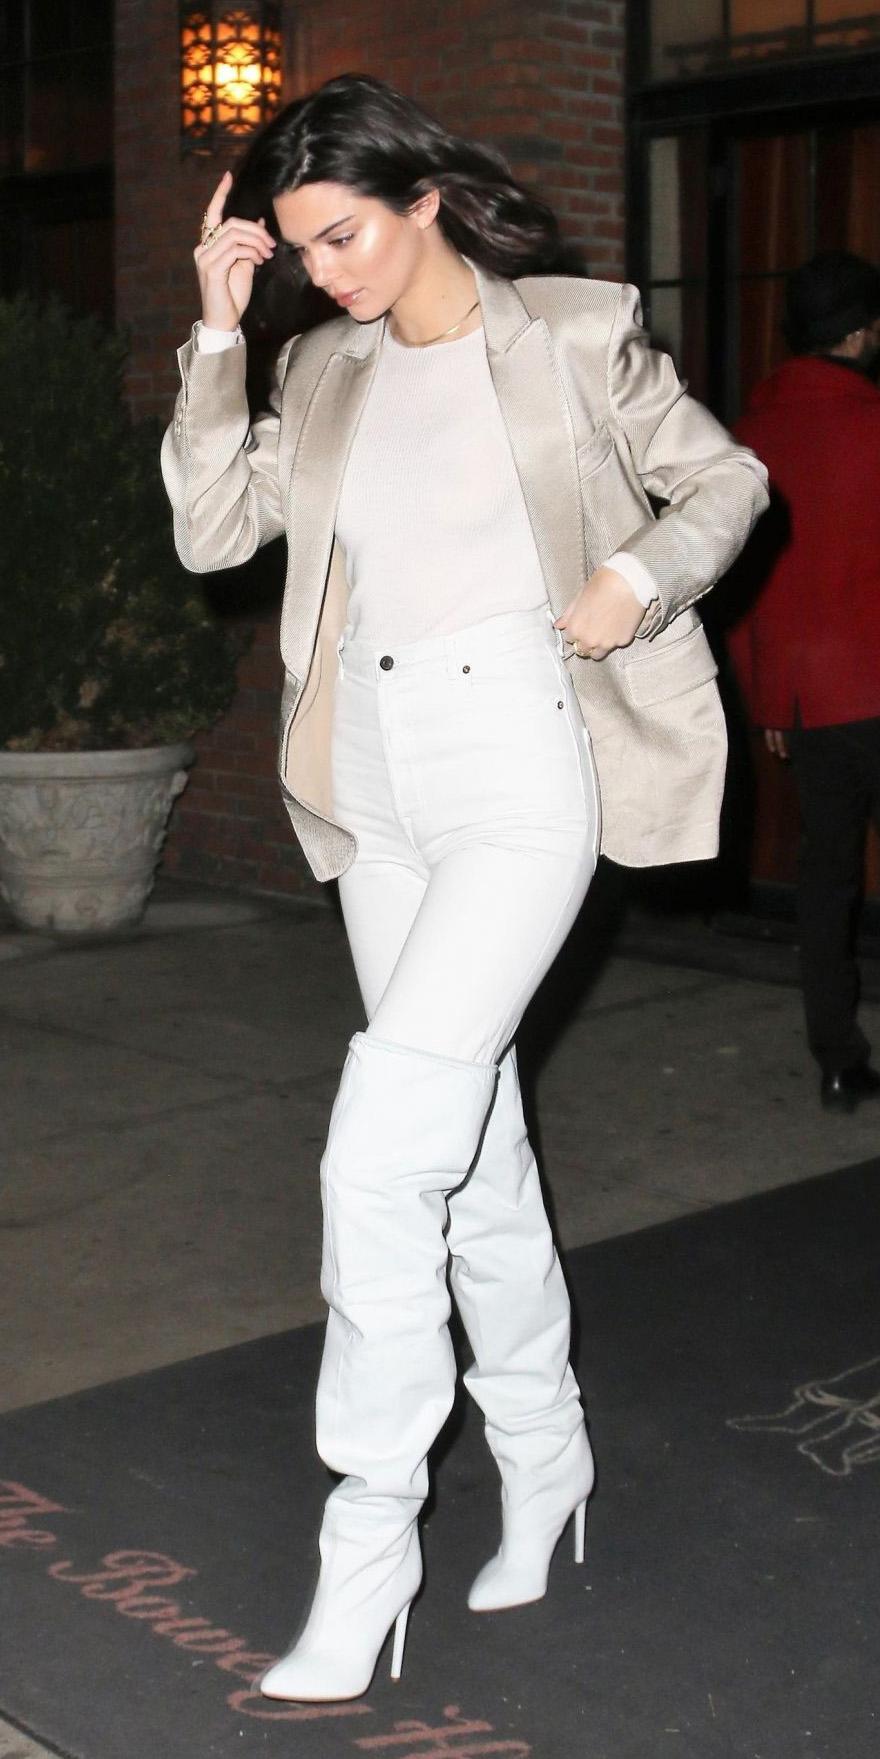 white-skinny-jeans-white-shoe-boots-otk-slouchy-white-tee-white-jacket-blazer-mono-brun-kendalljenner-fall-winter-dinner.jpg